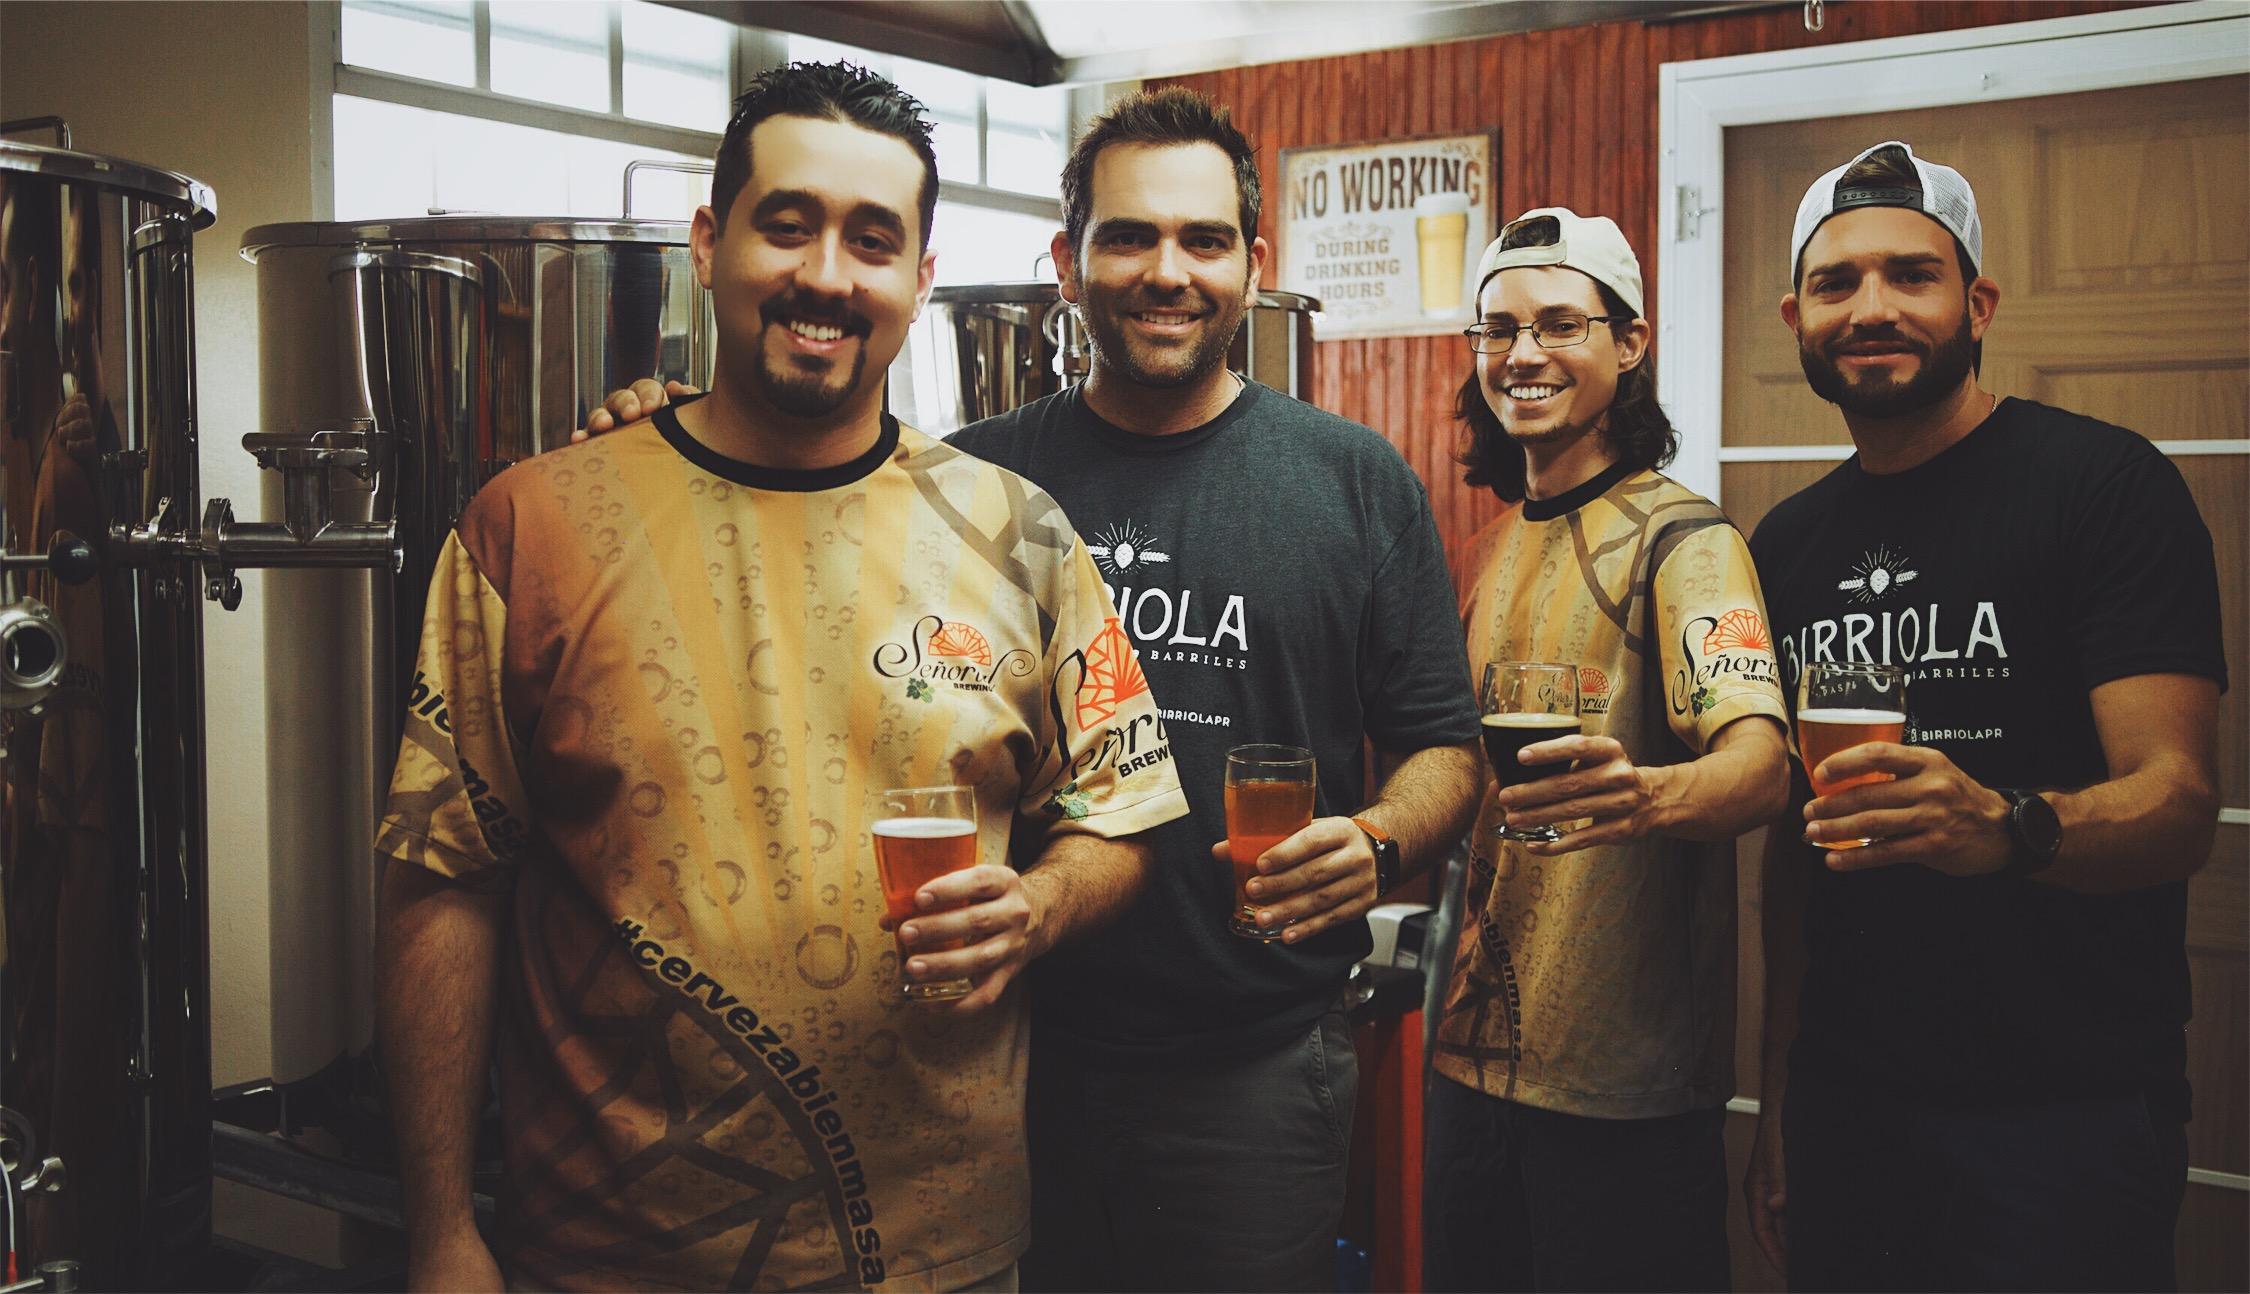 De izquierda a derecha: Luis Esteban de Señorial Brewing, Joseam de Birriola, Armando de Señorial Brewing y Jonathan de Birriola.